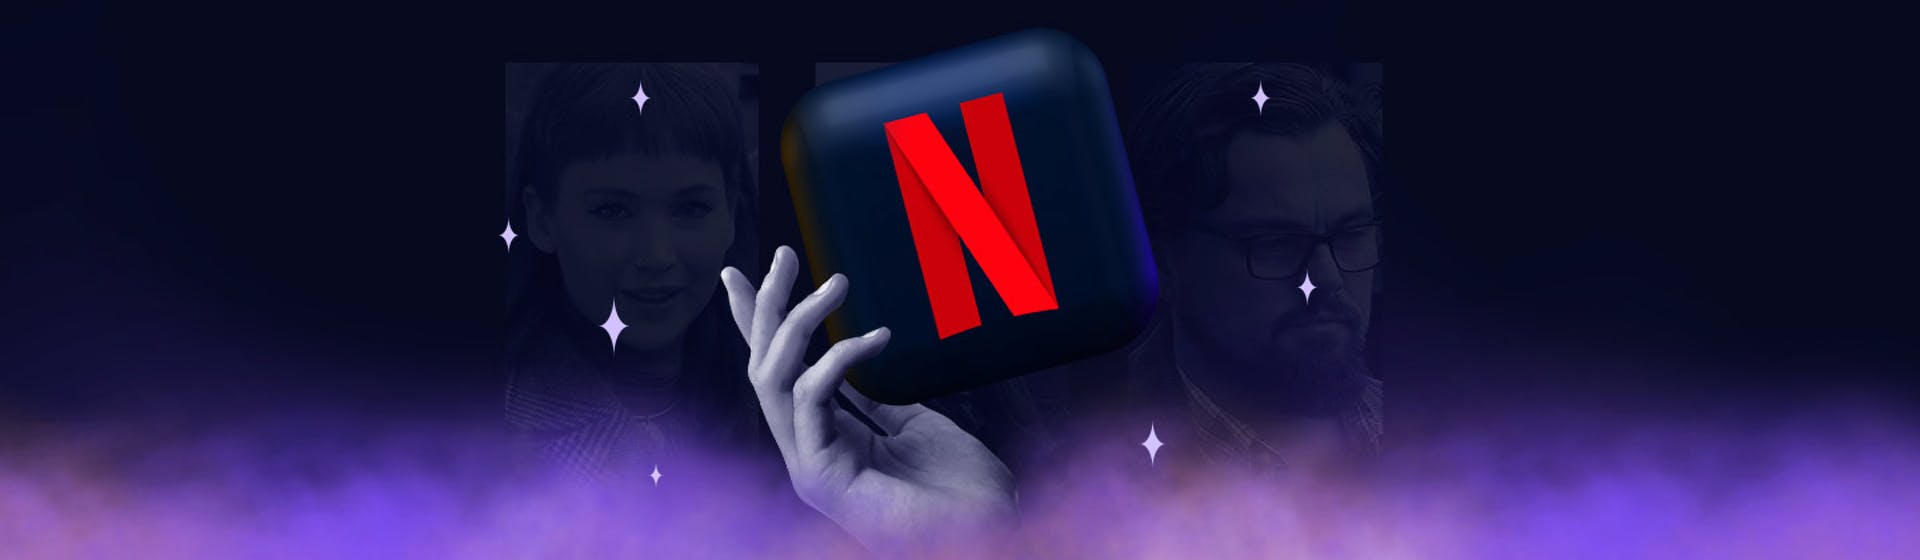 ¿Cuál es la historia de Netflix?: Conoce cómo se creó y cómo llegó a tener éxito